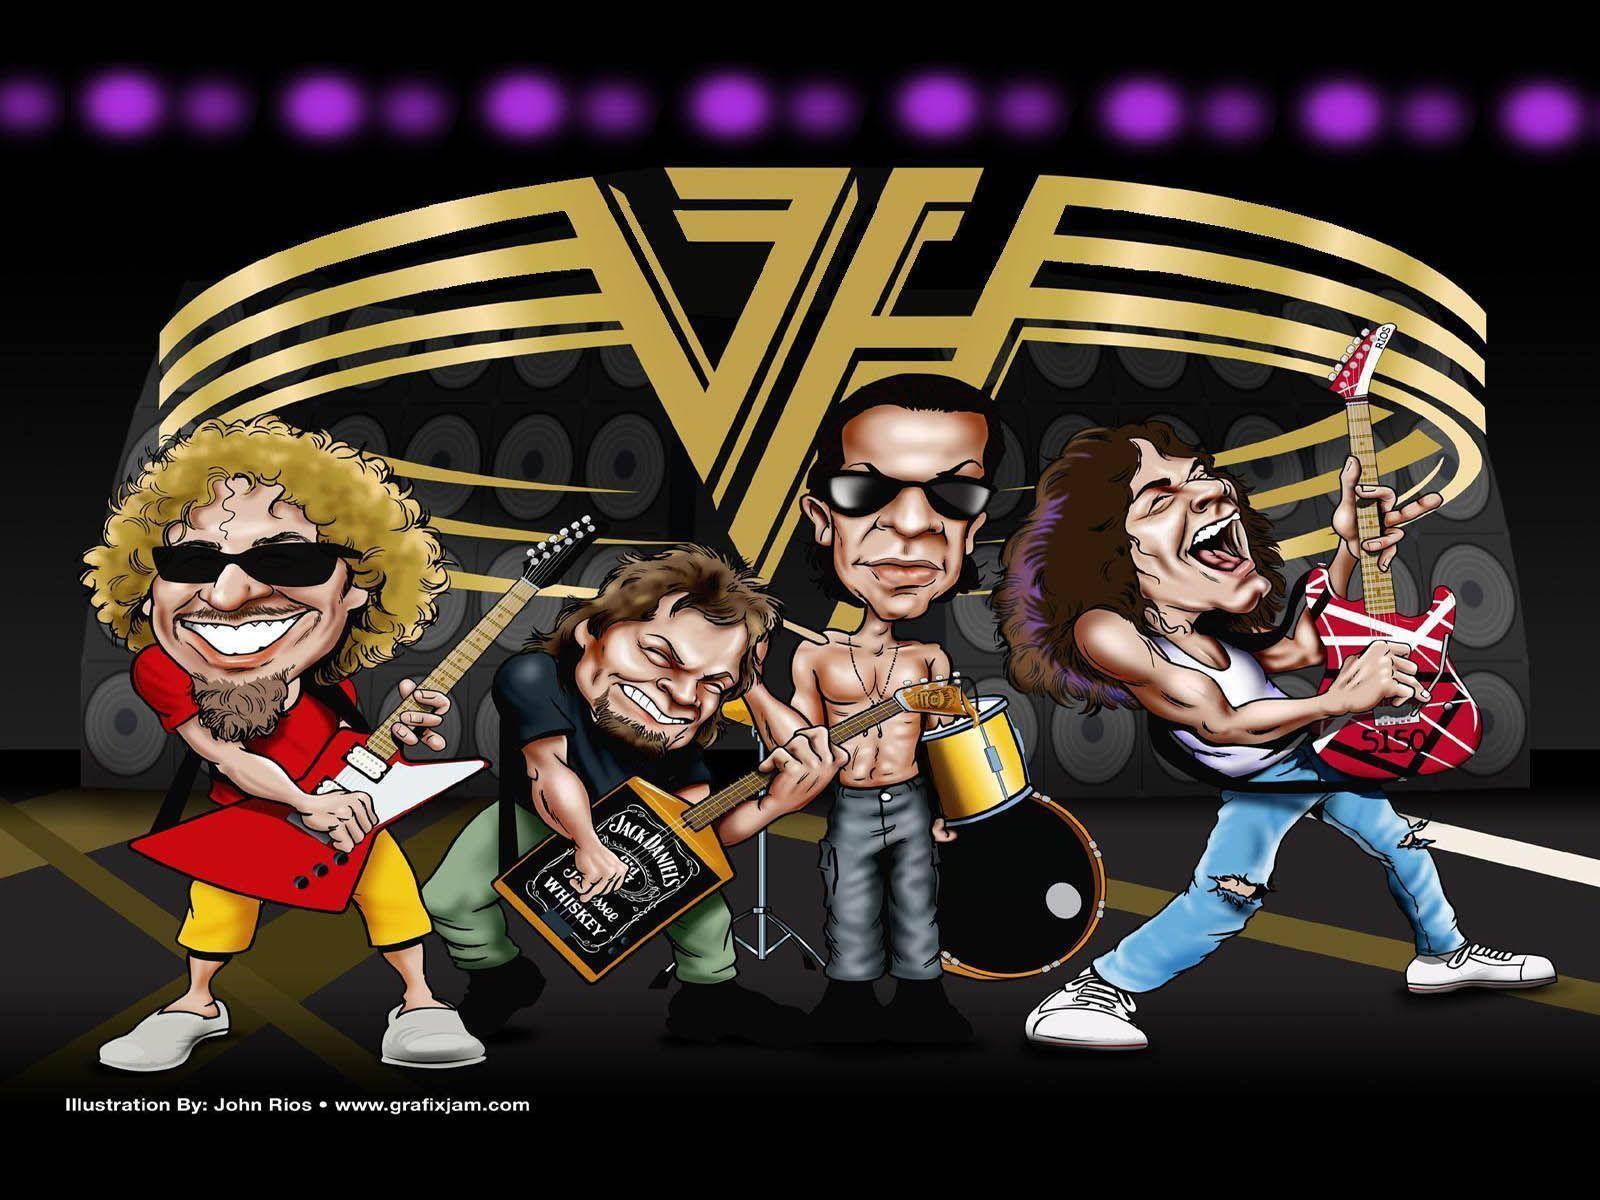 Eddie Van Halen Wallpapers 1600x1200